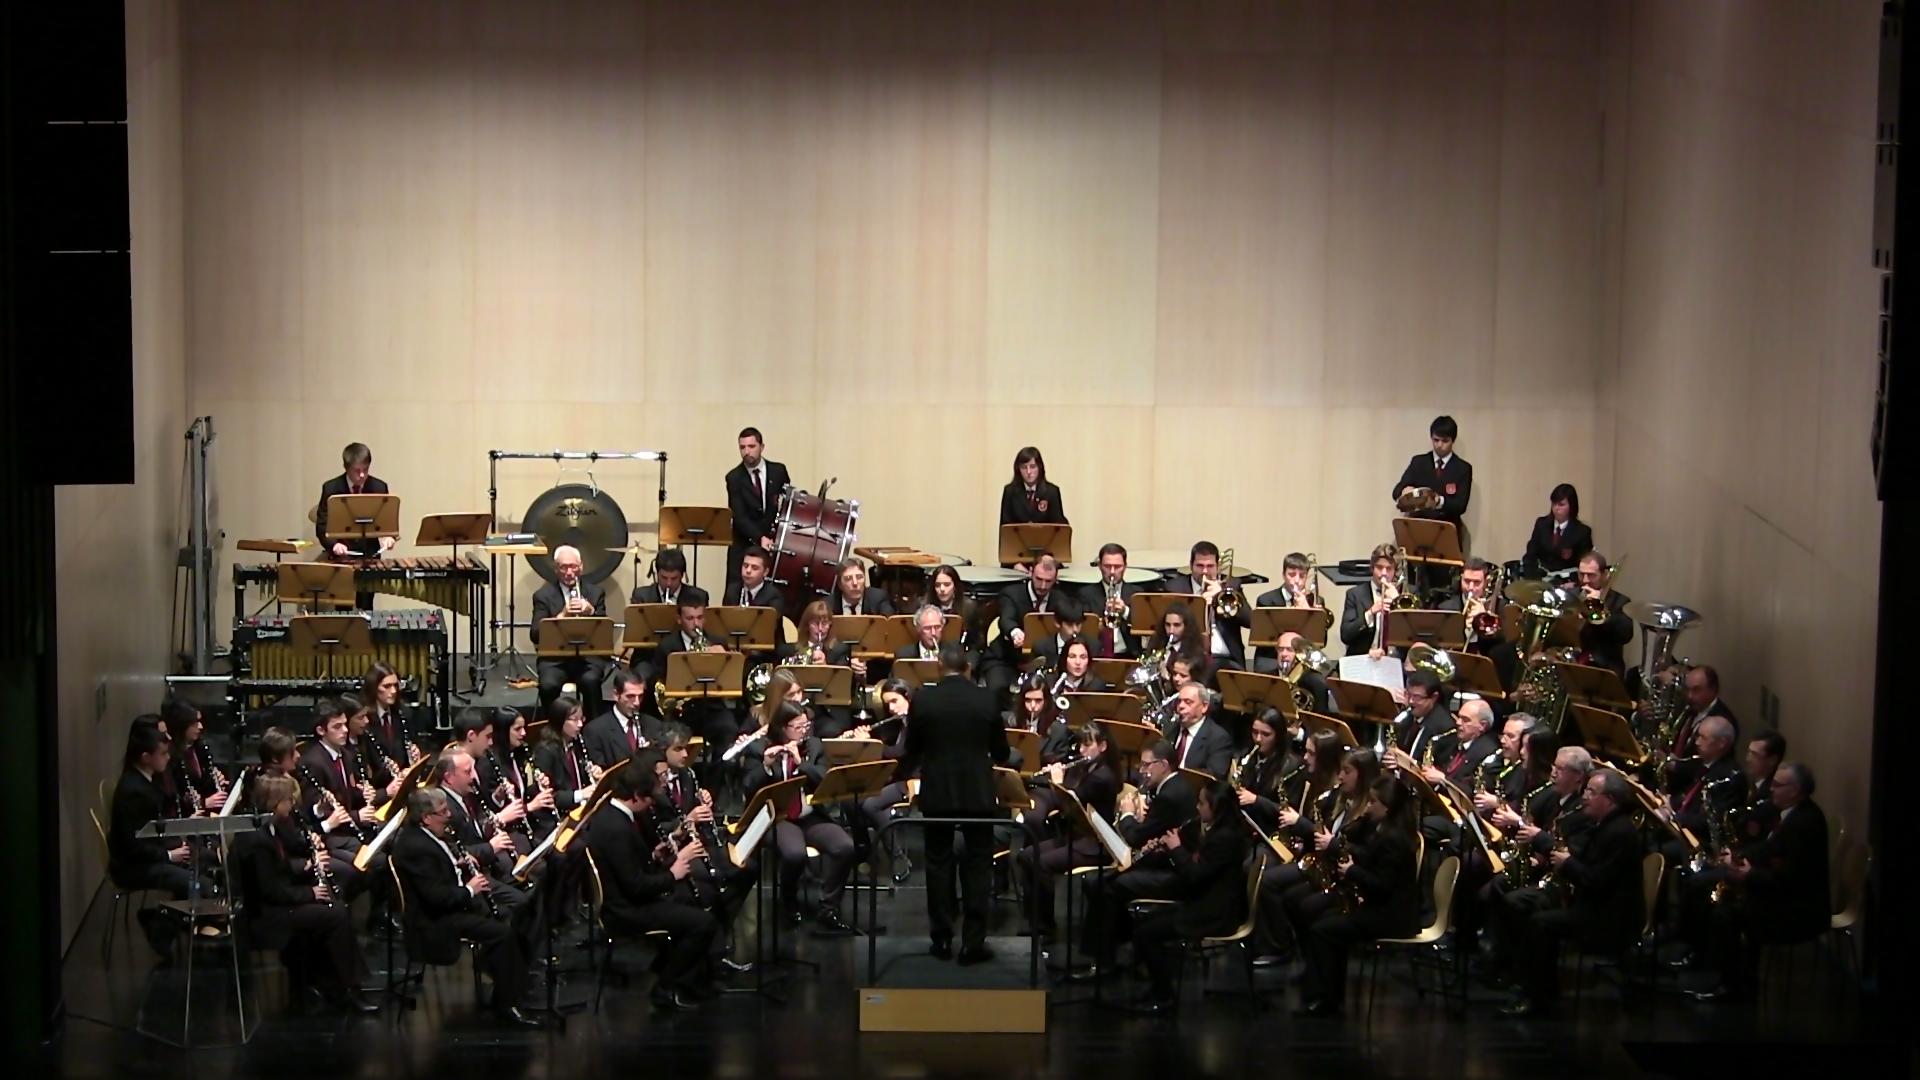 Banda Ciudad de Burgos I certamen provincial de bandas de Burgos dic 15 (11)